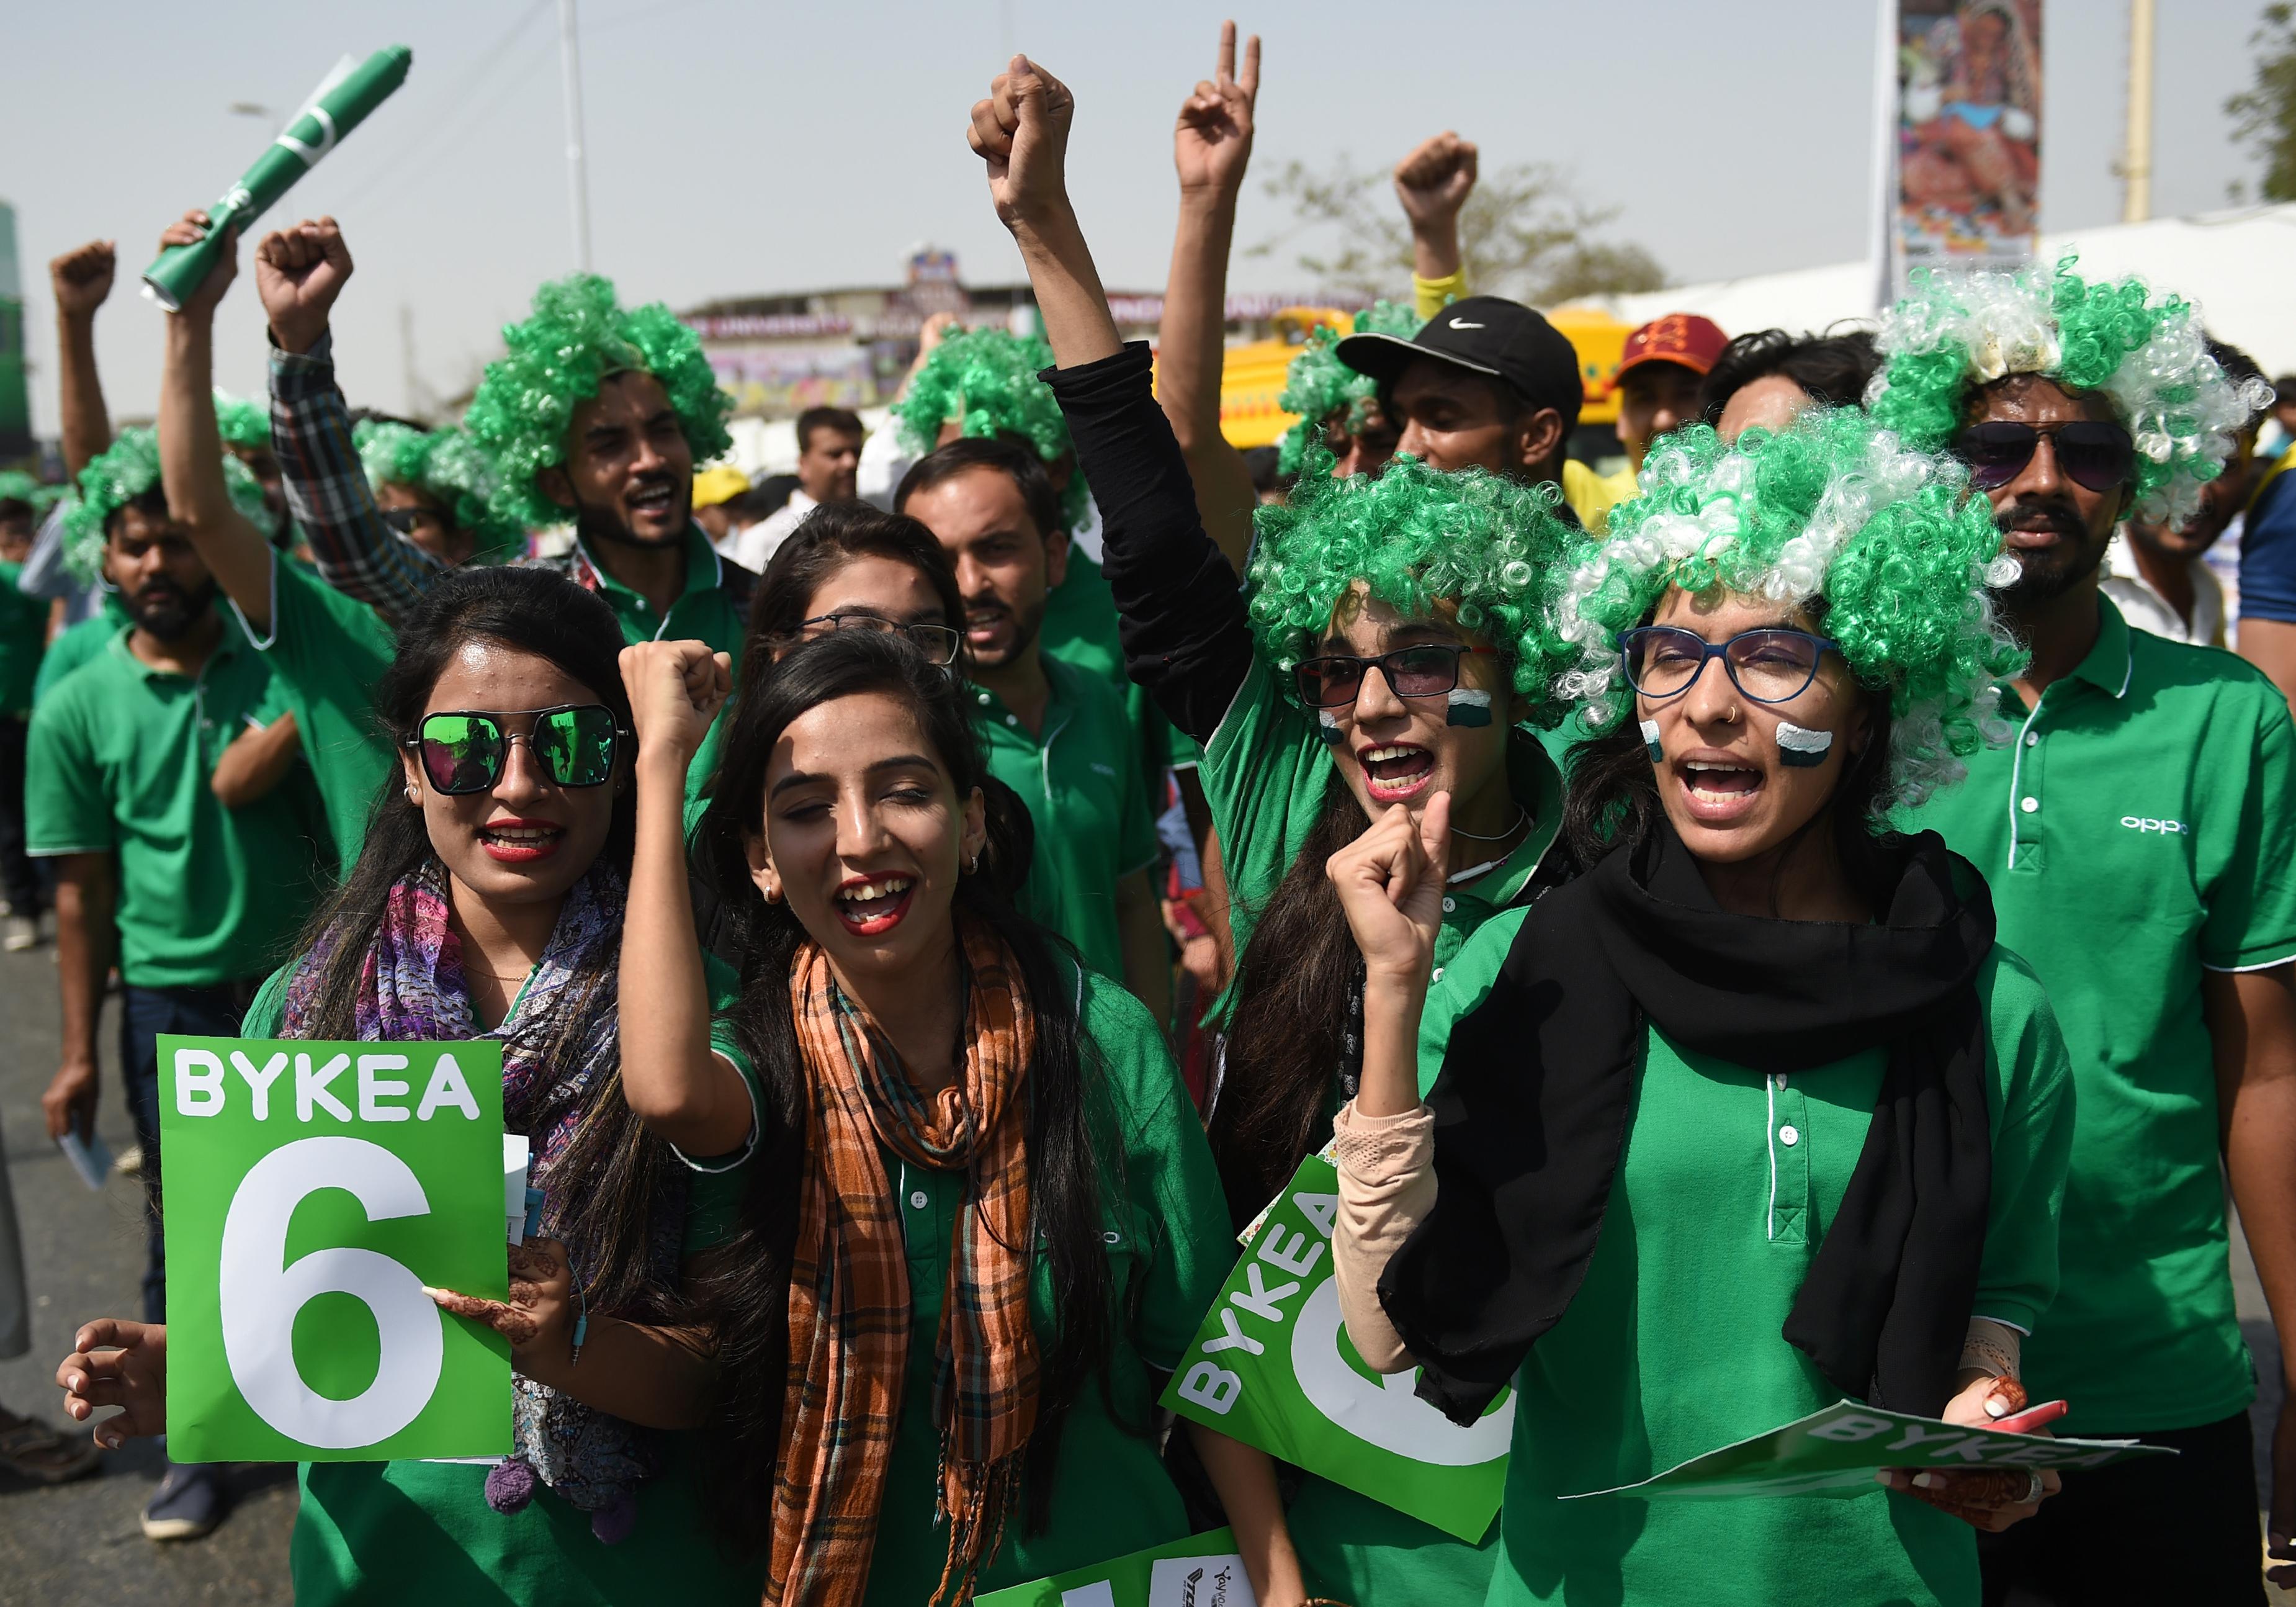 پاکستان سپر لیگ فائنل کا 'امن کی فتح' کے طور پر خیرمقدم